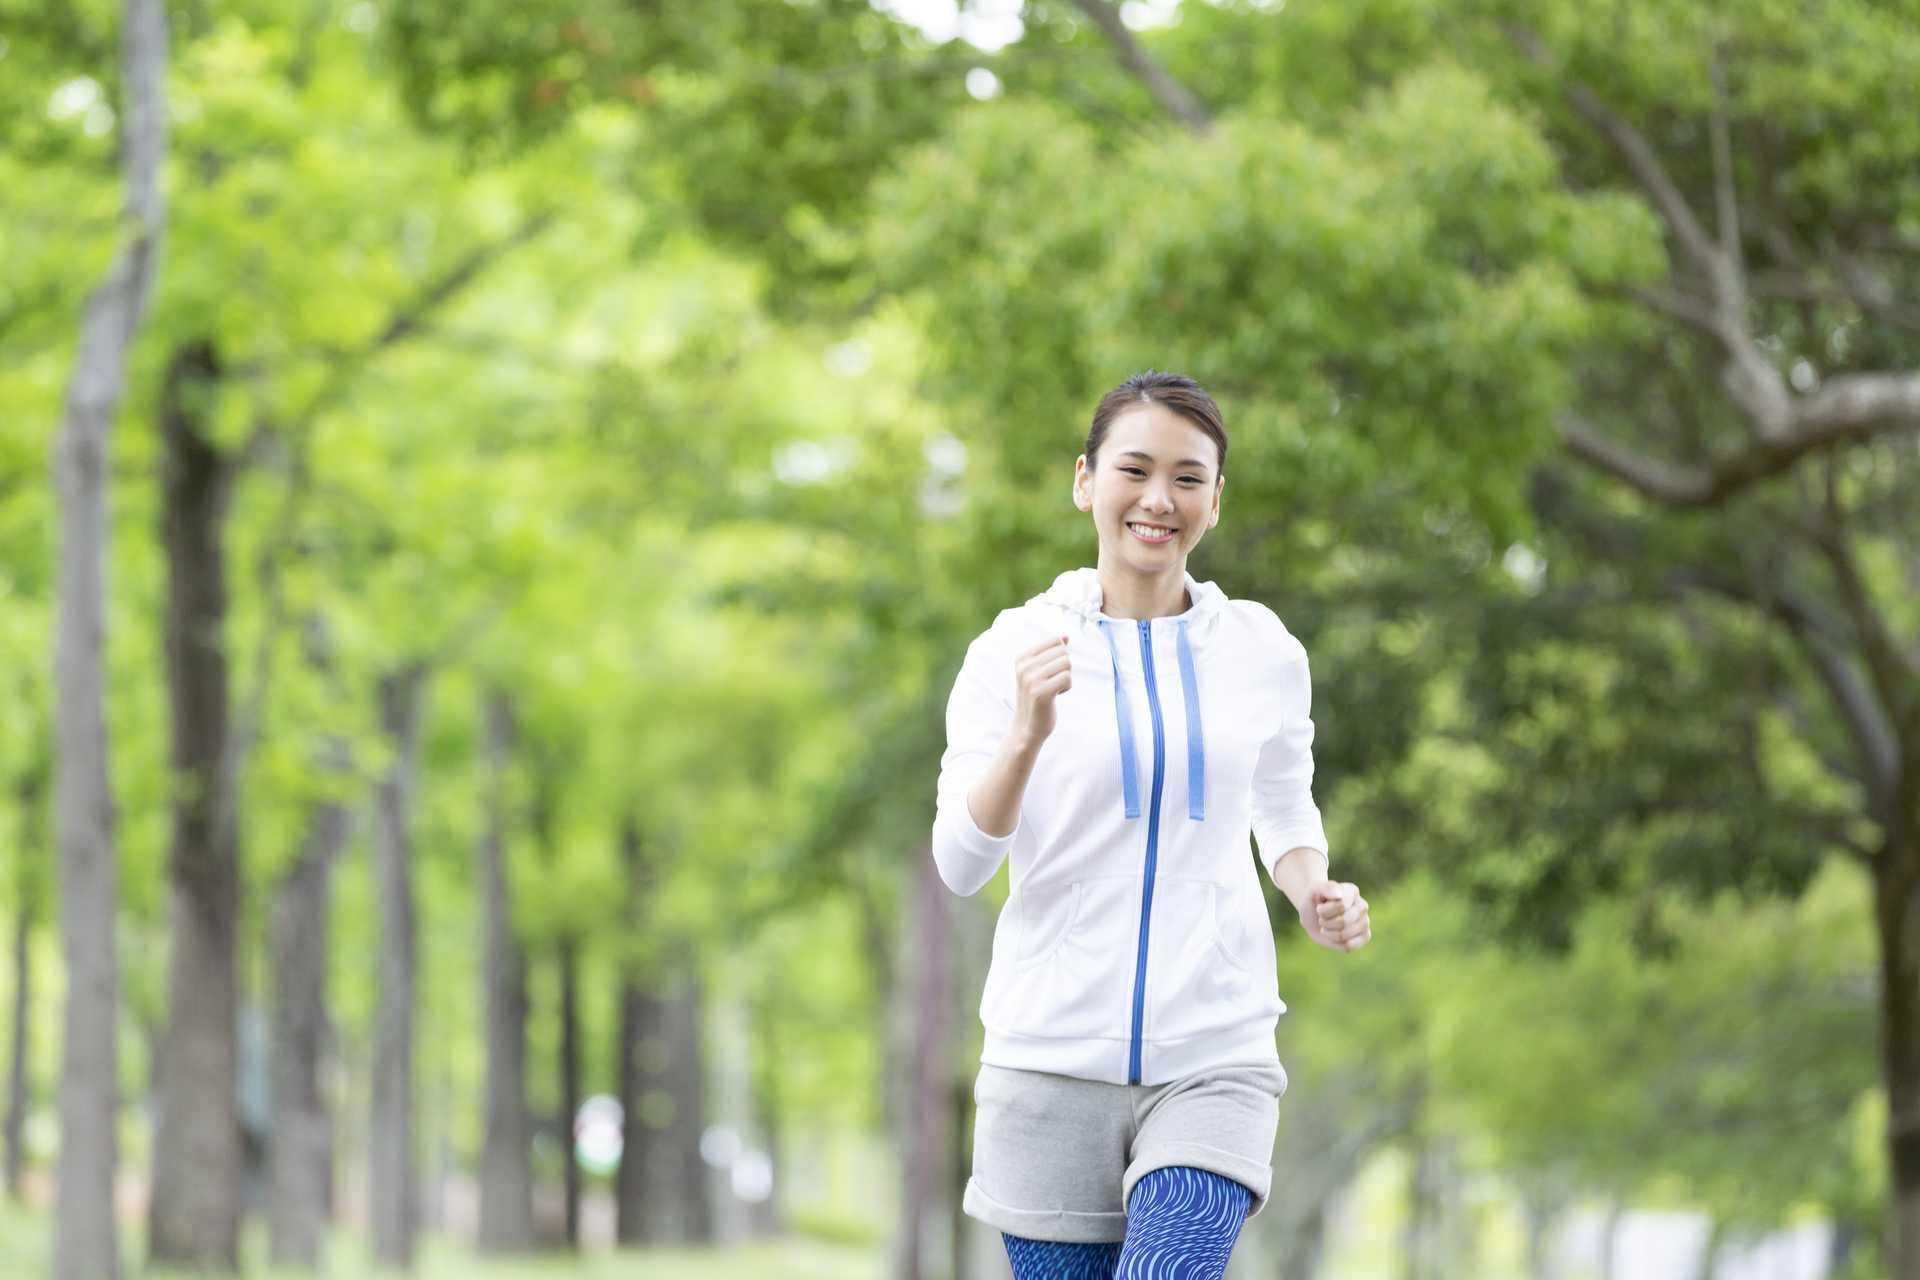 歩いているときは、楽しそうな表情をしながら歩こう。 | 脳を刺激する30の歩き方